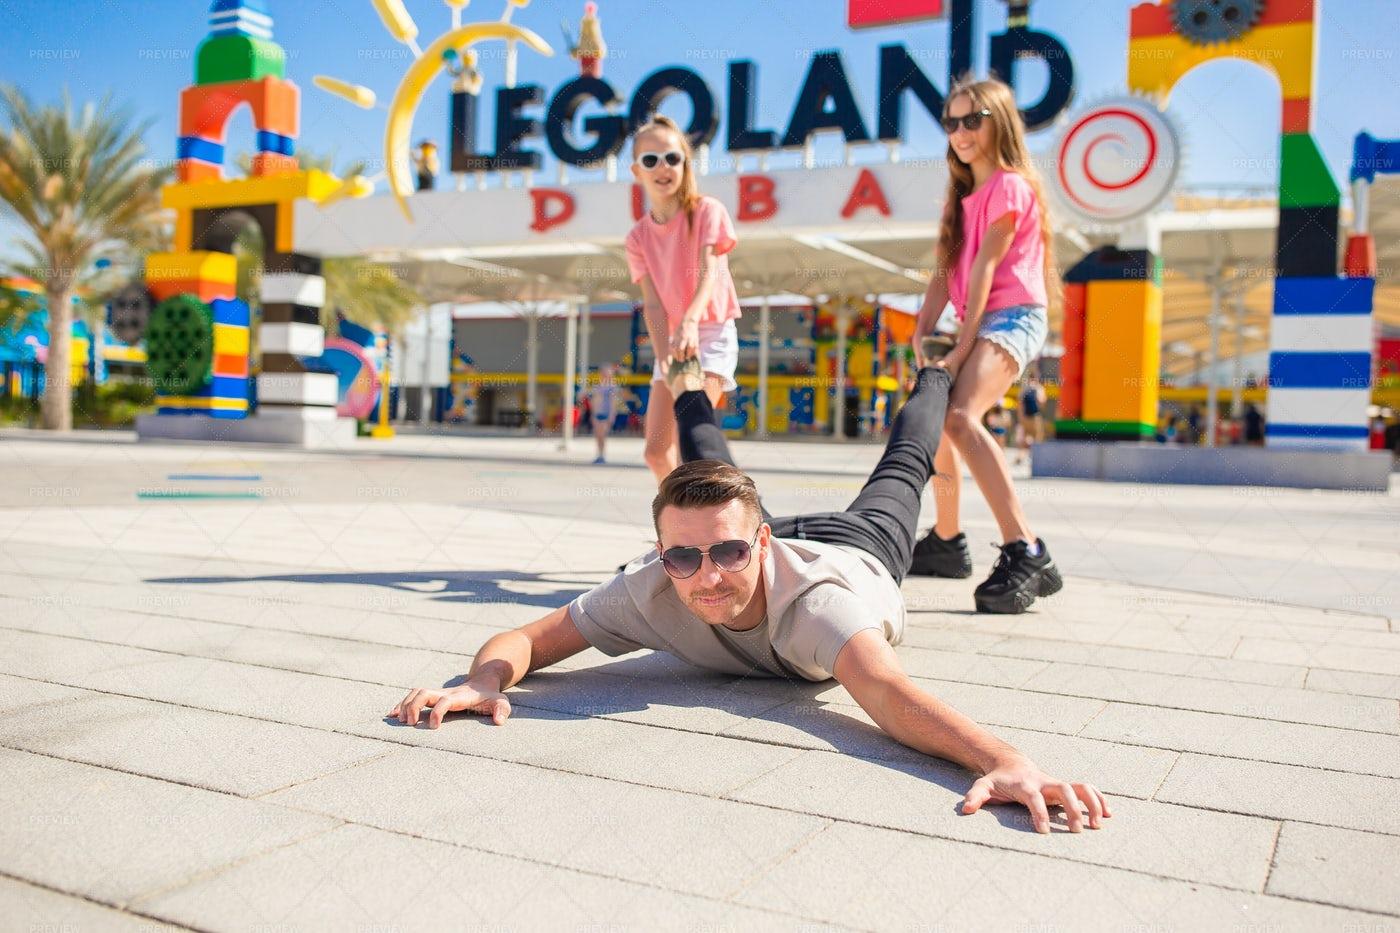 Happy Family In Dubai Legoland: Stock Photos